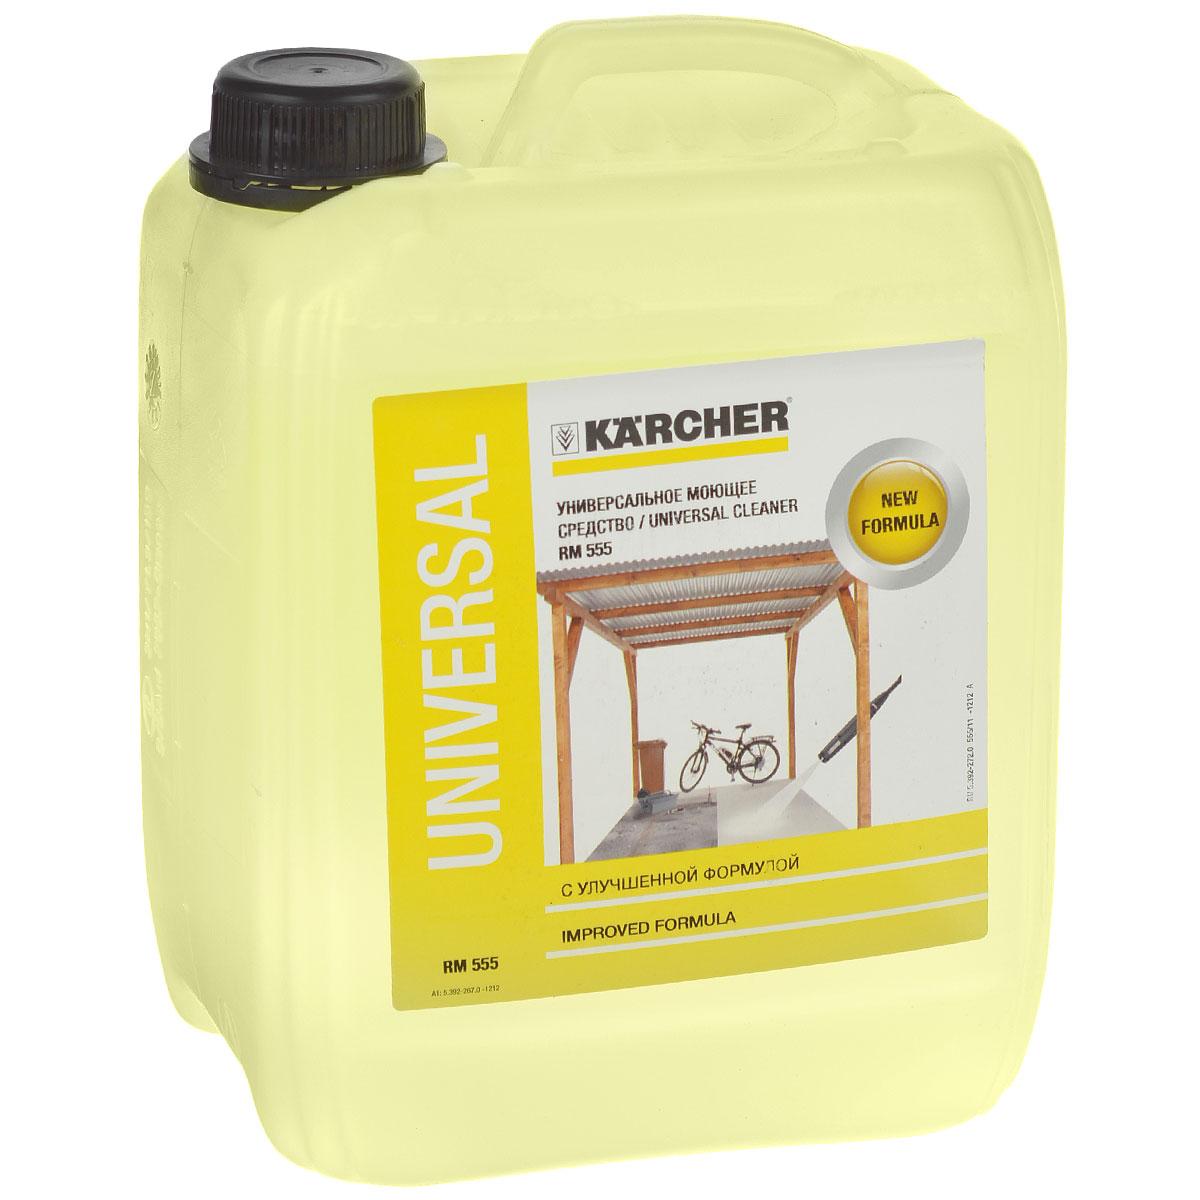 Средство моющее универсальное Karcher RM 555 Profi, 5 л 6.295-357.06.295-357.0Эффективное универсальное моющее средство Karcher RM 555 Profi с улучшенной формулой предназначено для проведения обработки с использованием всех высоконапорных моющих аппаратов фирмы Karcher. Без труда удаляет следы масла, жиров и минеральные загрязнения со всех водостойких поверхностей, например, каменных и деревянных террас, пластиковой мебели, лакированных поверхностей автомобилей и т.д. Применяется повсеместно в домашнем хозяйстве, садах и автомобилях. Karcher RM 555 Profi легко подвергается биологическому разложению, pH-нейтральное, не содержит фосфатов и опасных компонентов.Состав: <5% анионные тензиды, неионные тензиды, ароматизаторы, консервант, метилхлоризотиазолинон, красители.